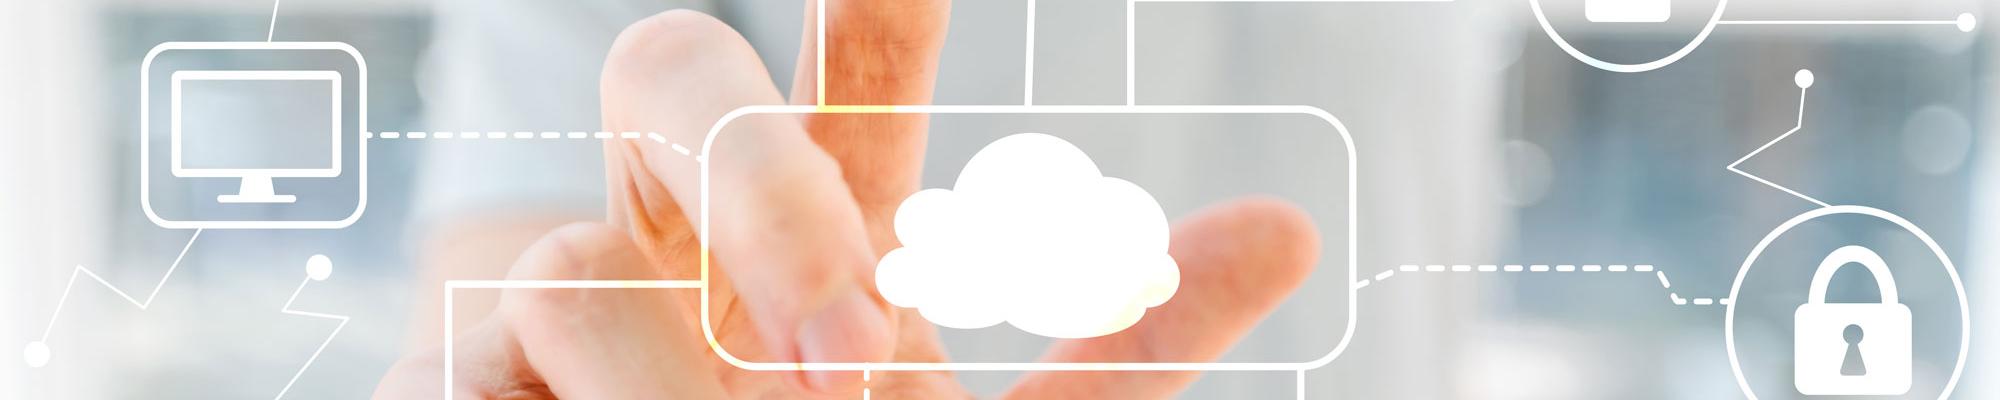 Headerbild Finger tippt auf Cloud-Computing